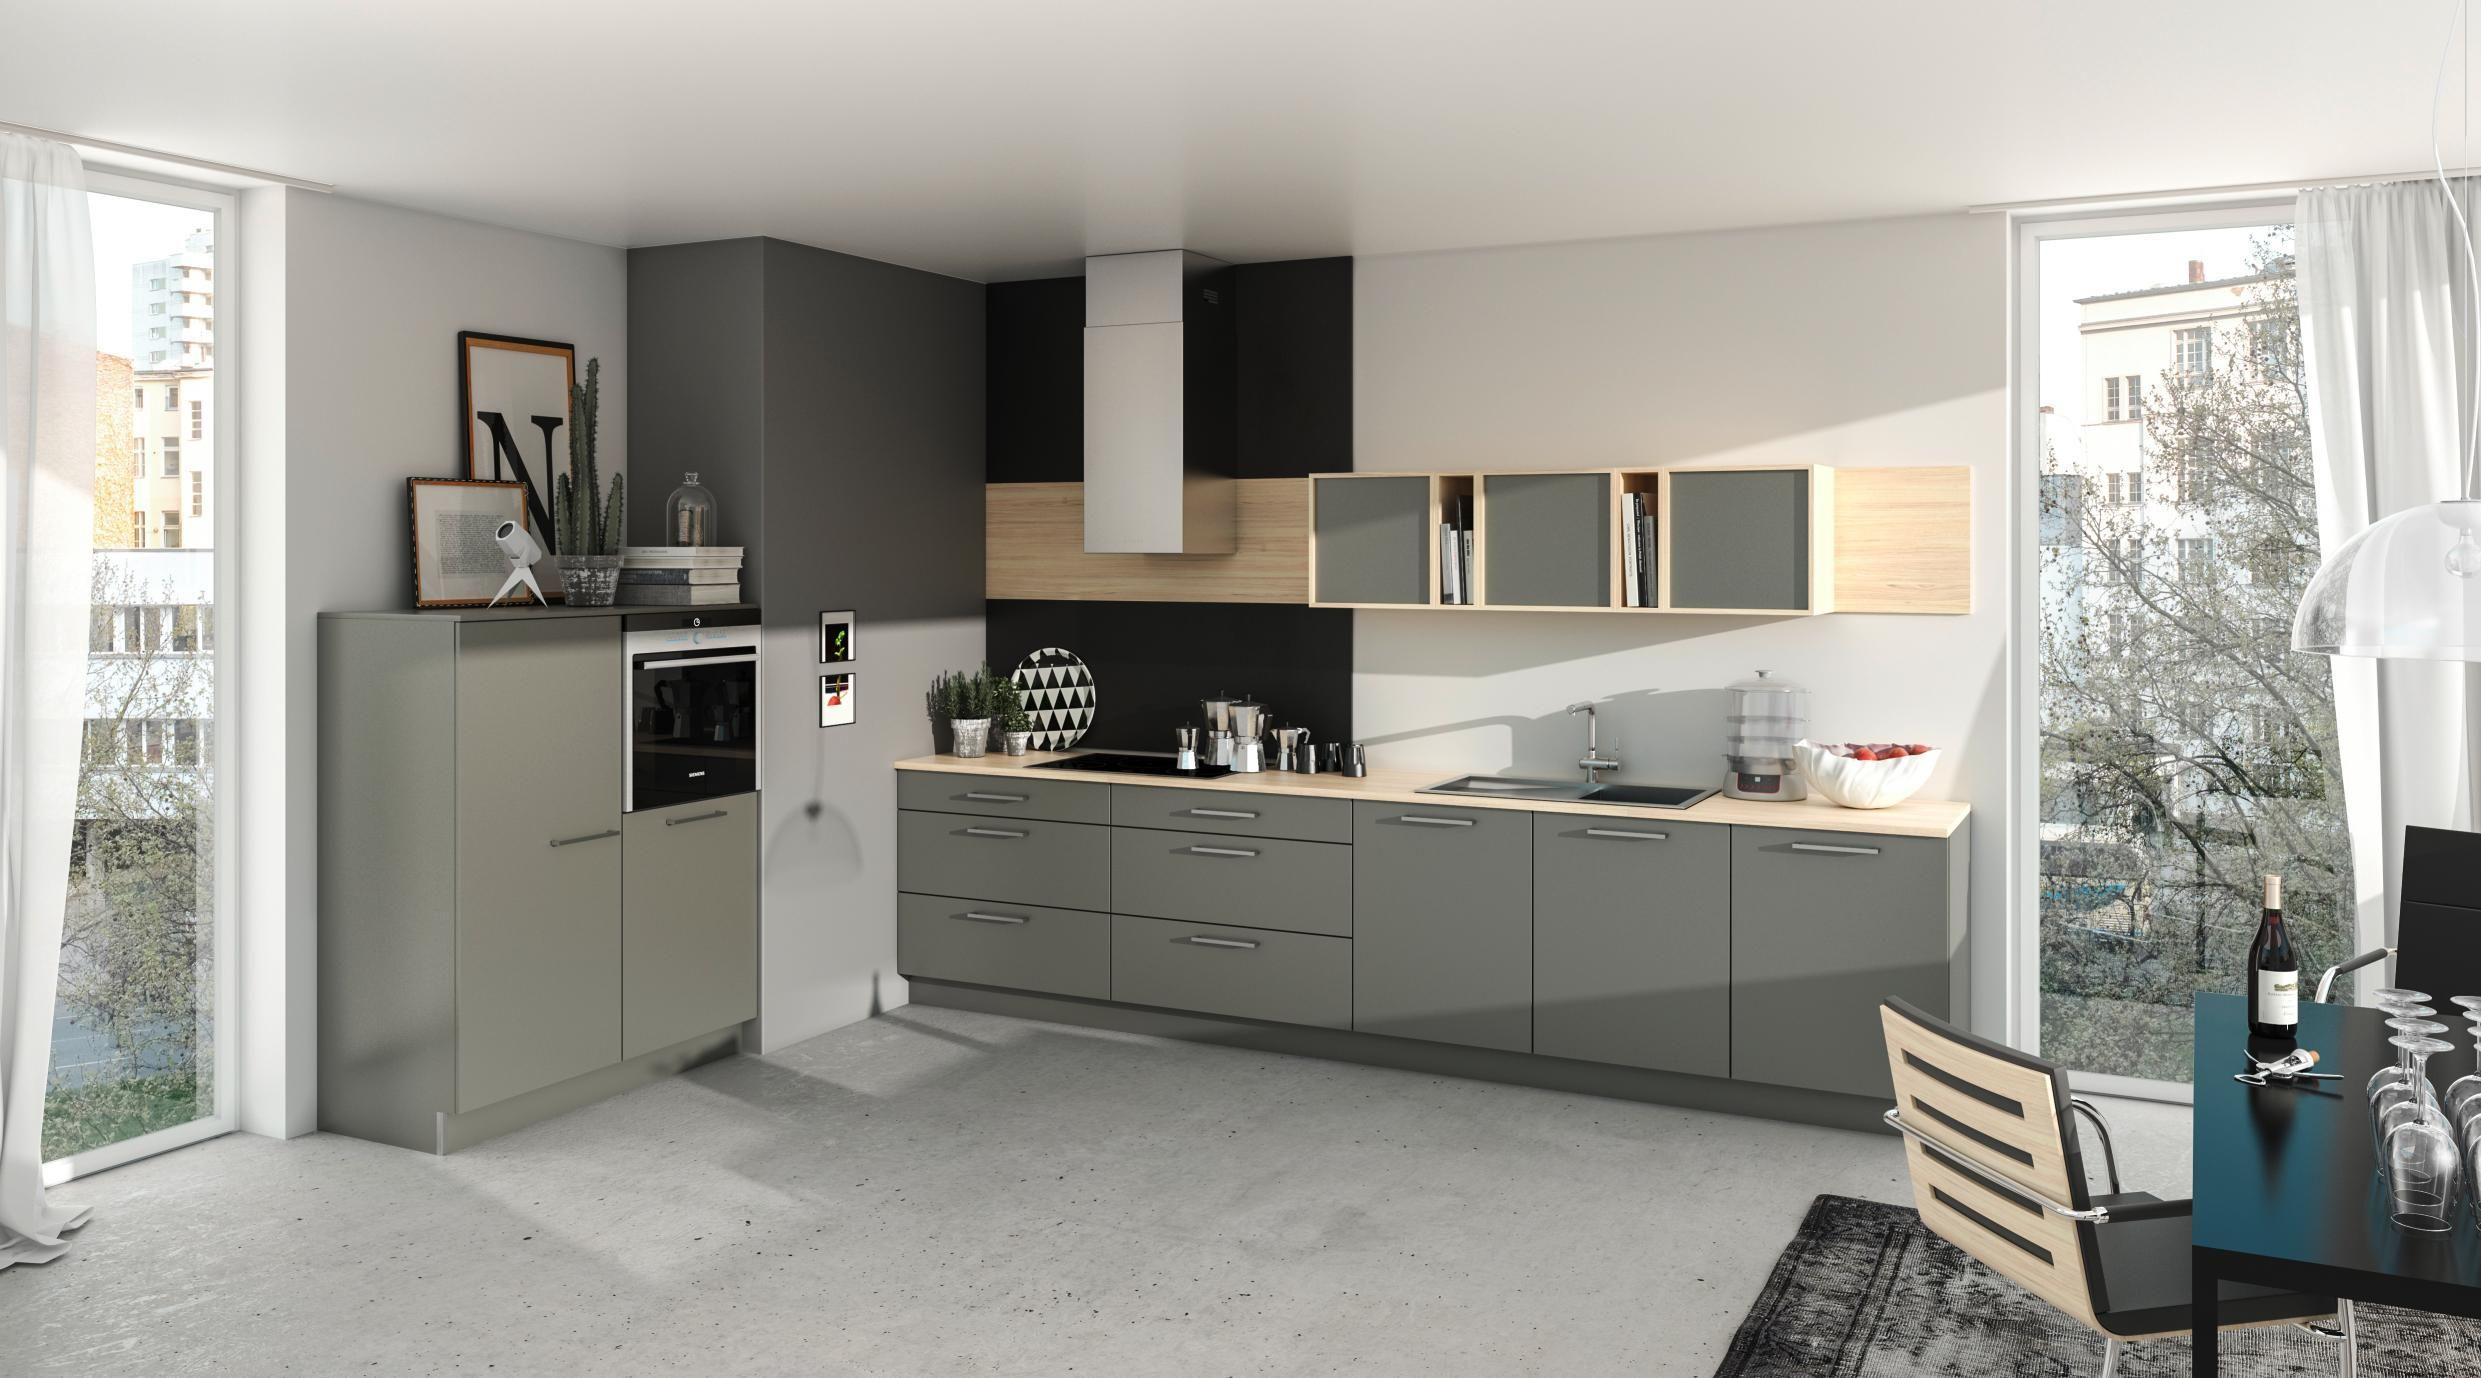 Einbauküche von DIETER KNOLL | Küchen | Pinterest | Küche